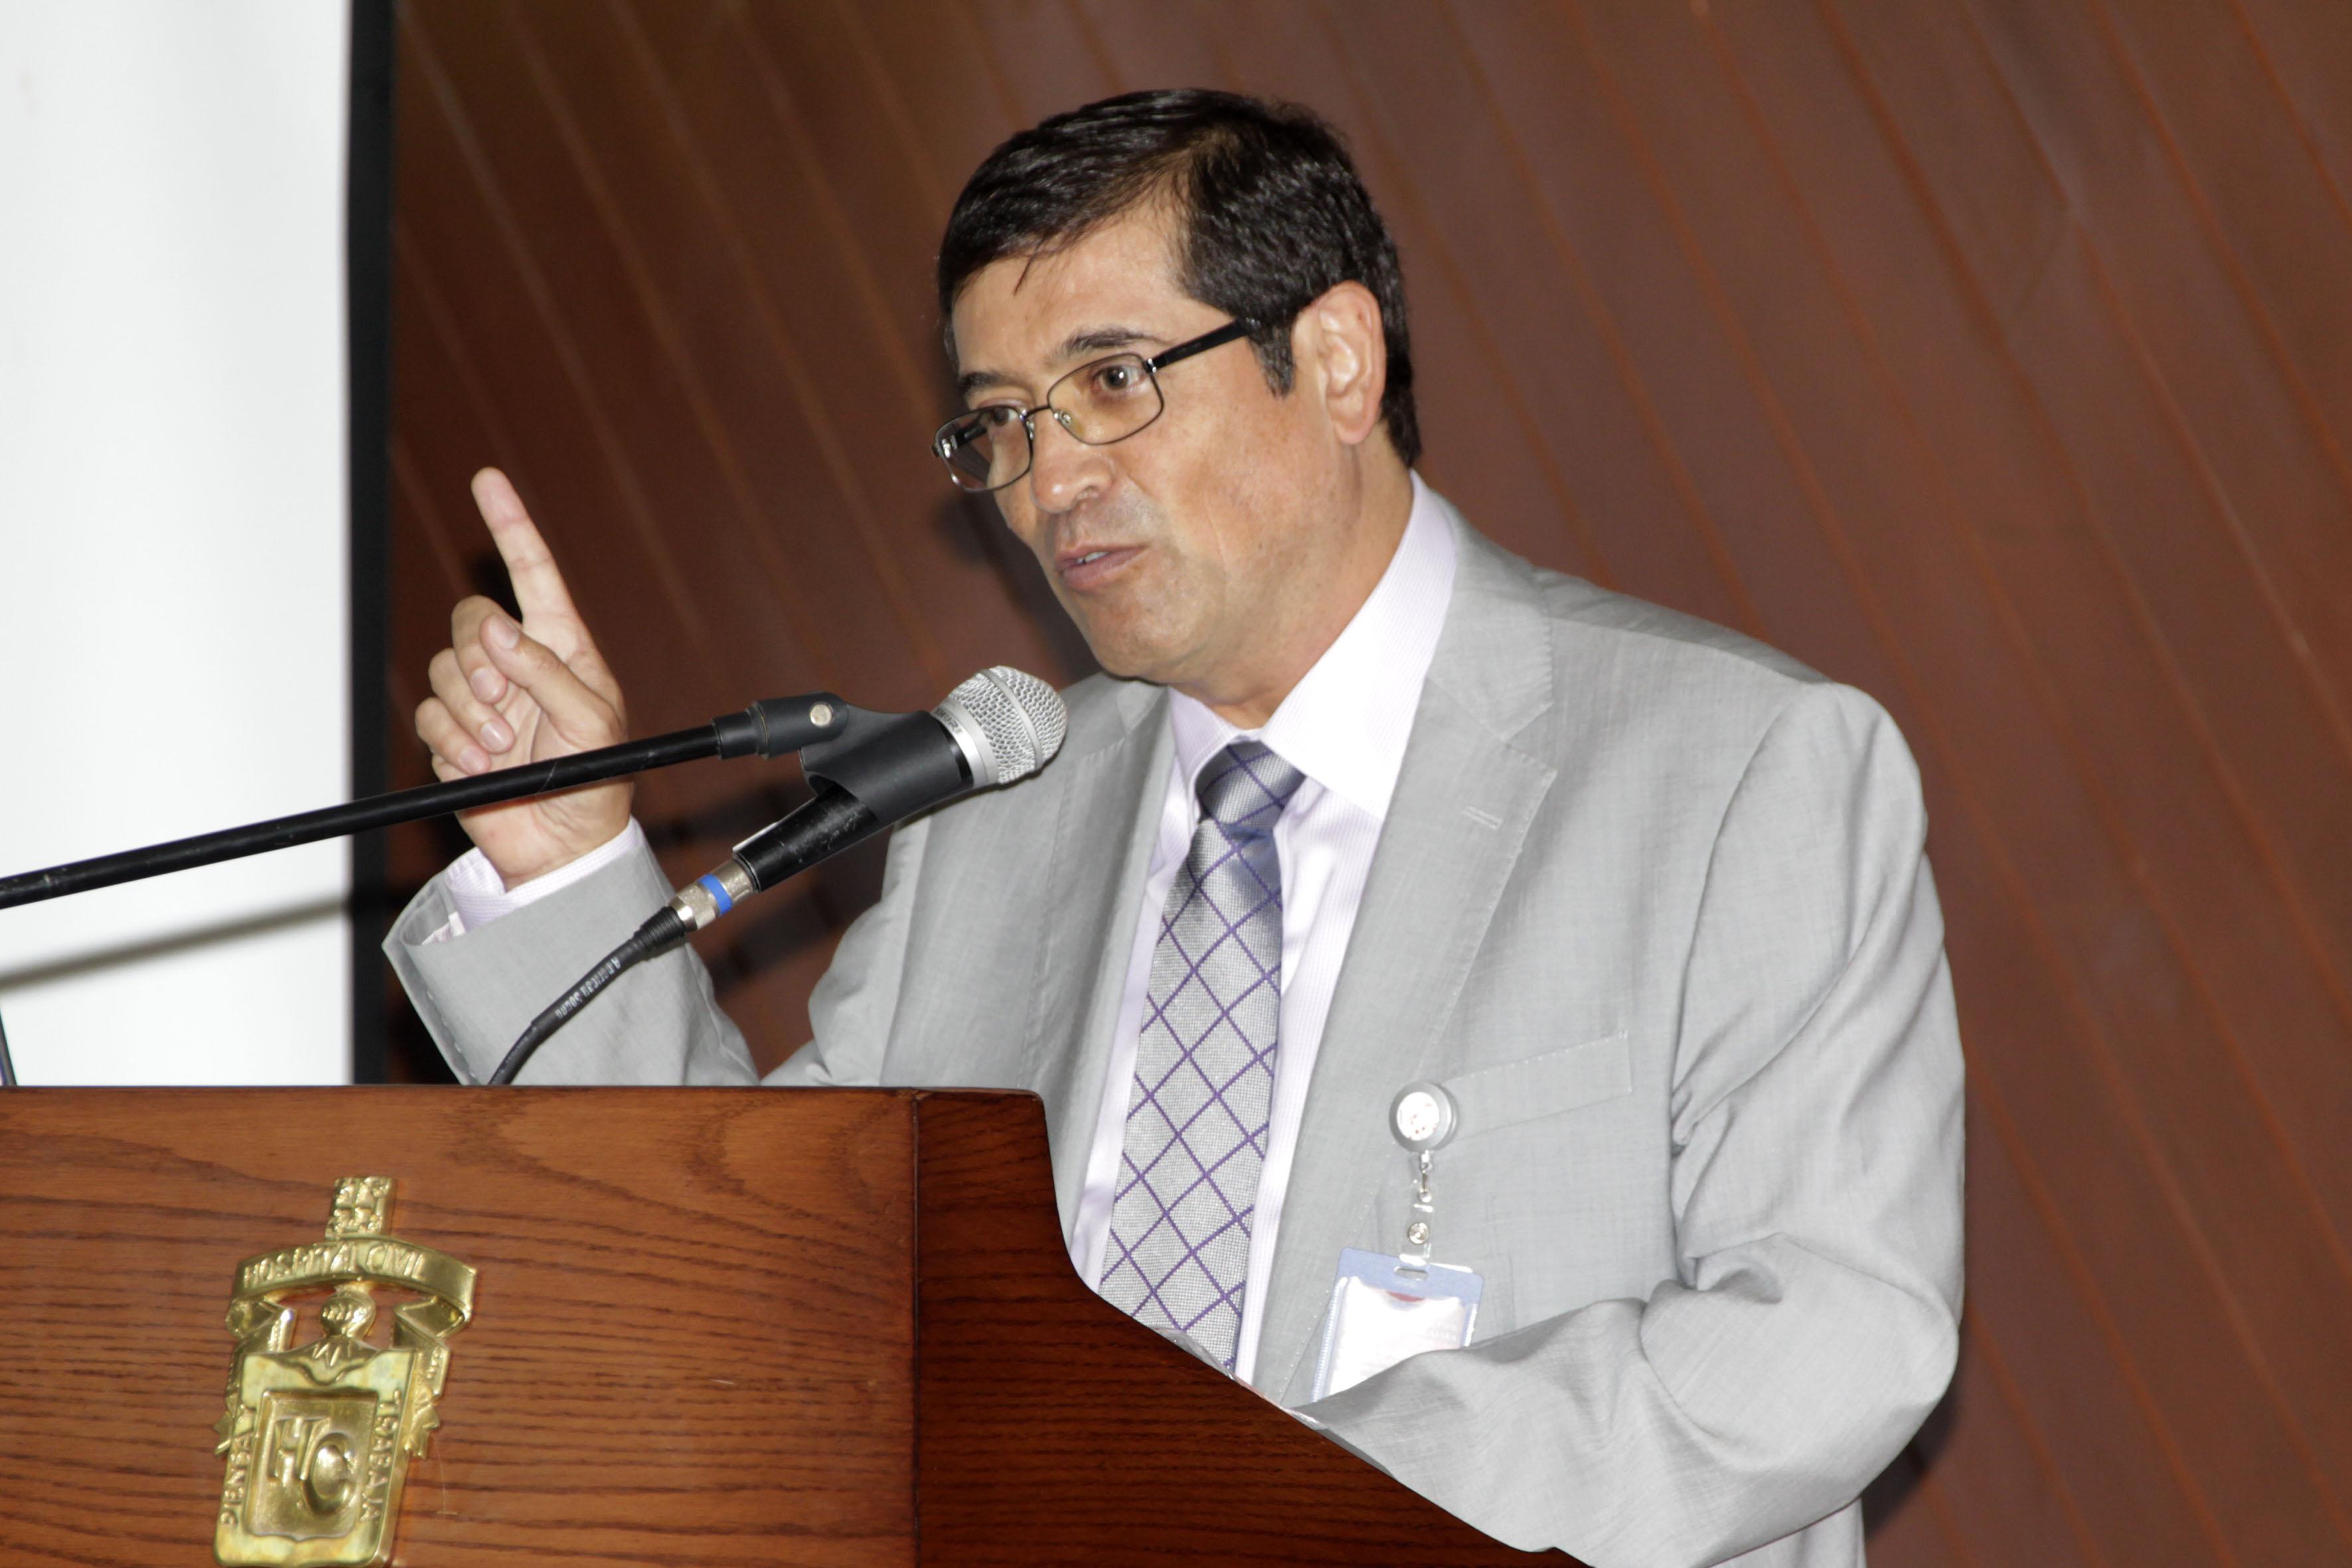 El Doctor Sergio Villaseñor Bayardo, en el podio